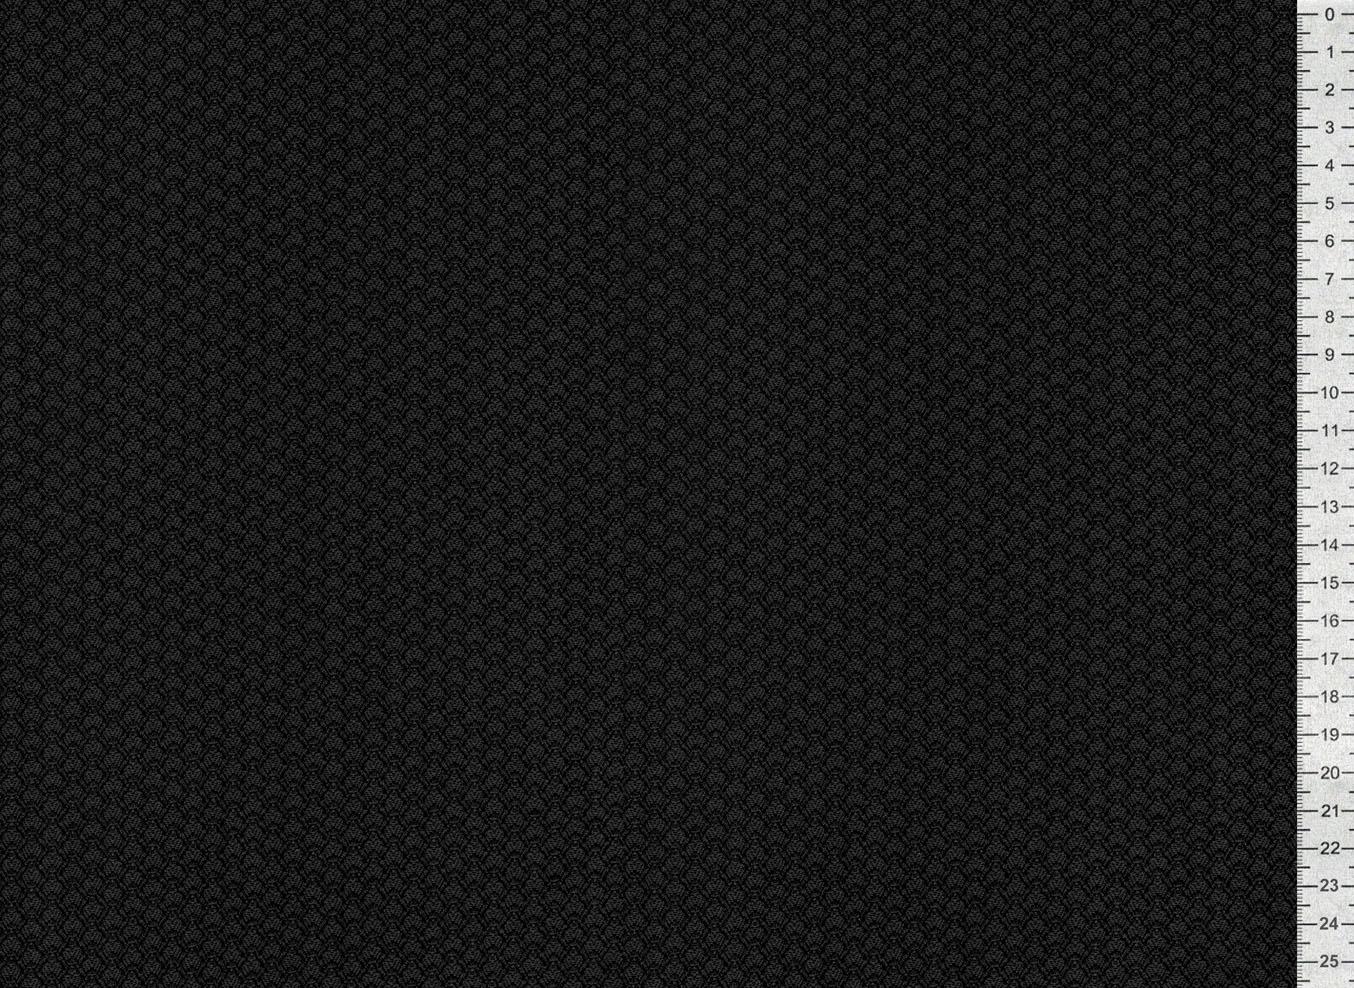 Авточехлы из экокожи   chehol36ru